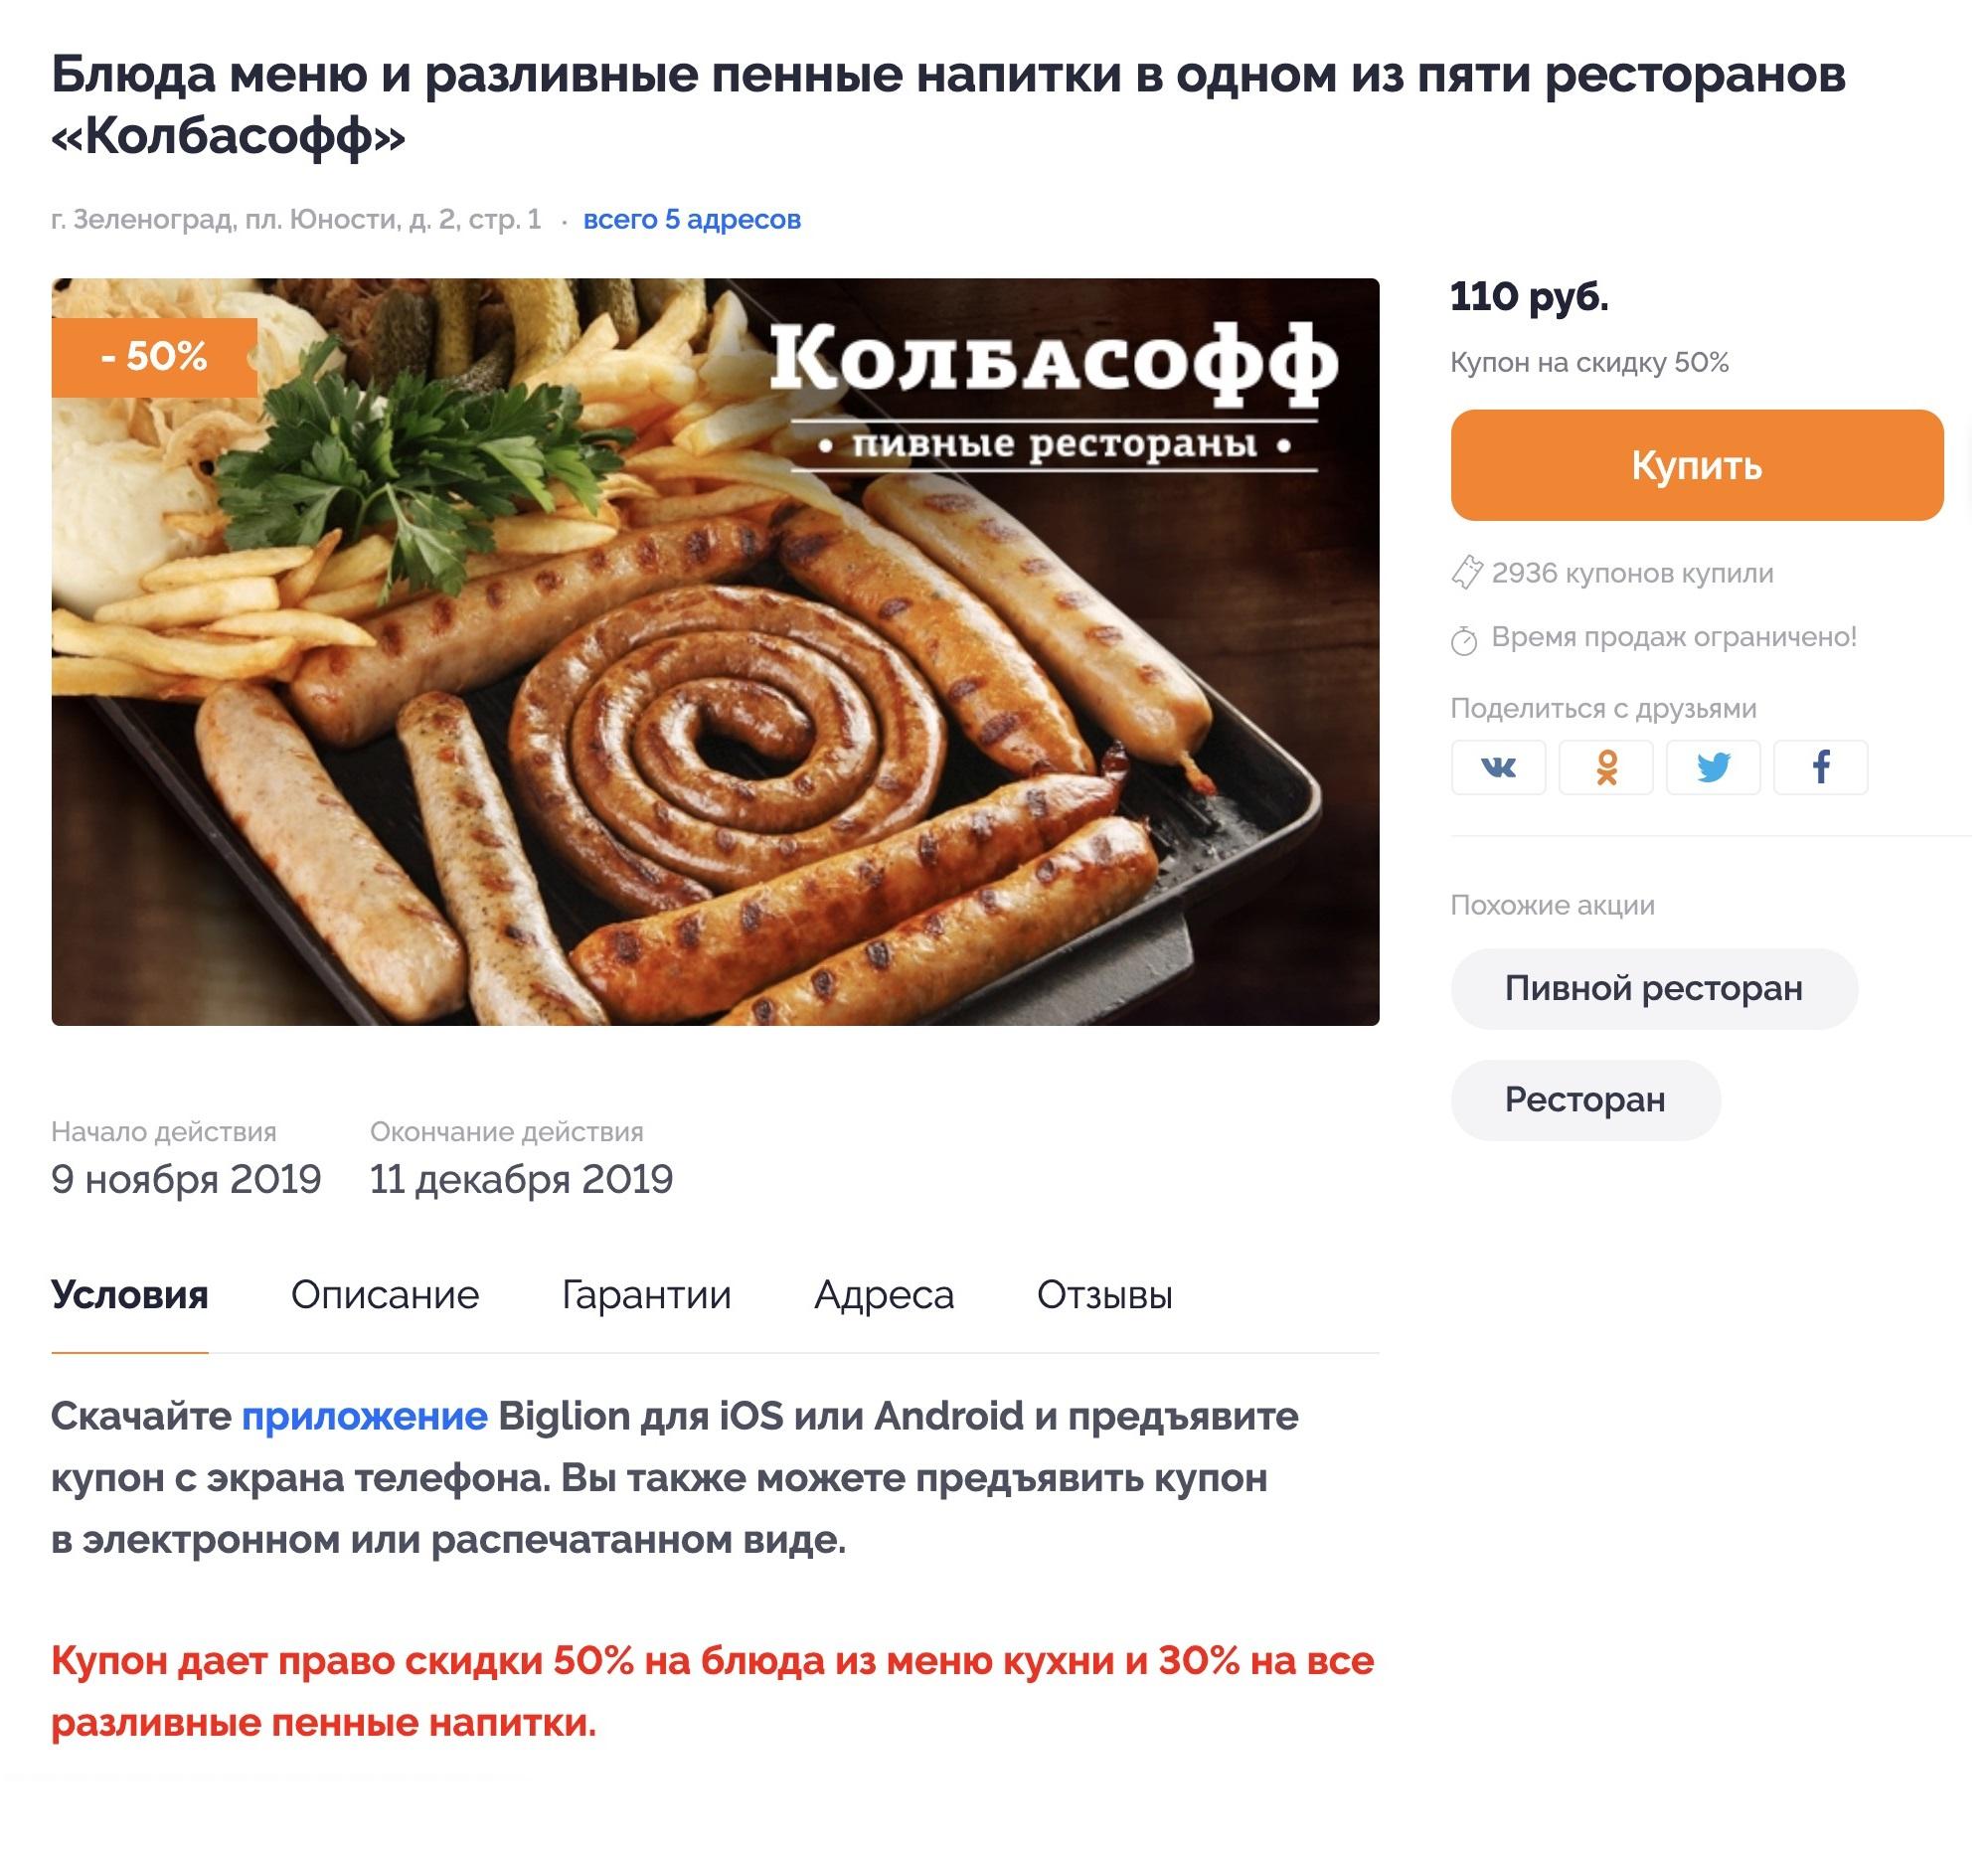 Купон за 110 рублей в «Колбасофф» дает скидку 50% на блюда из меню кухни и 30% на все разливные пенные напитки